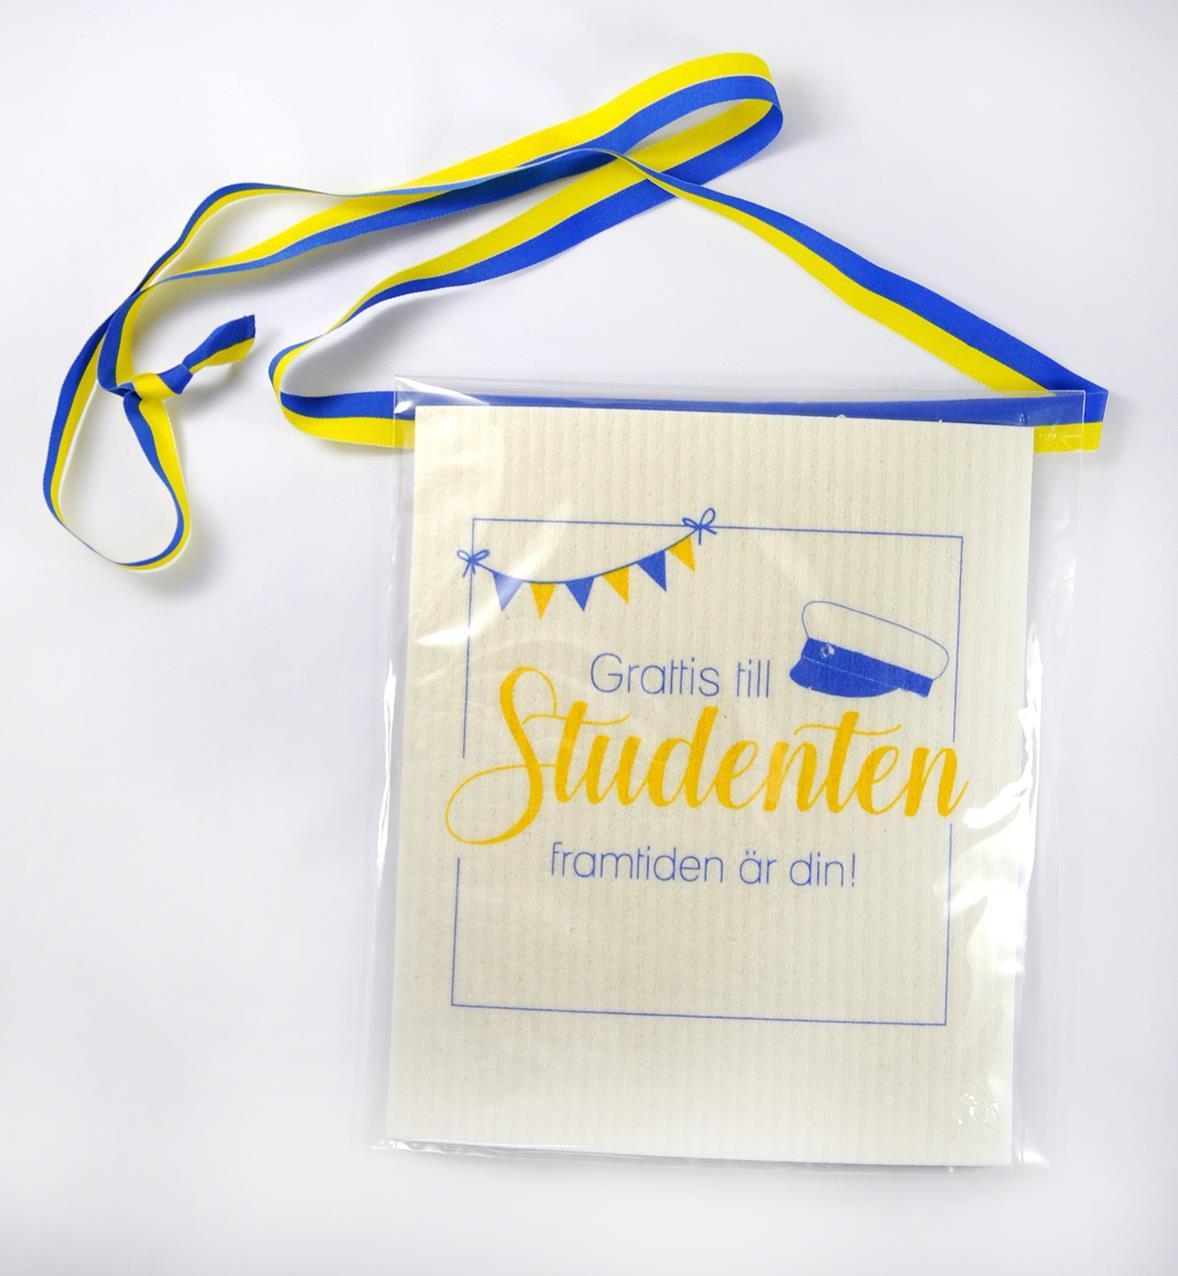 Disktrasa med band, Studenten, vit med blå/gul tex